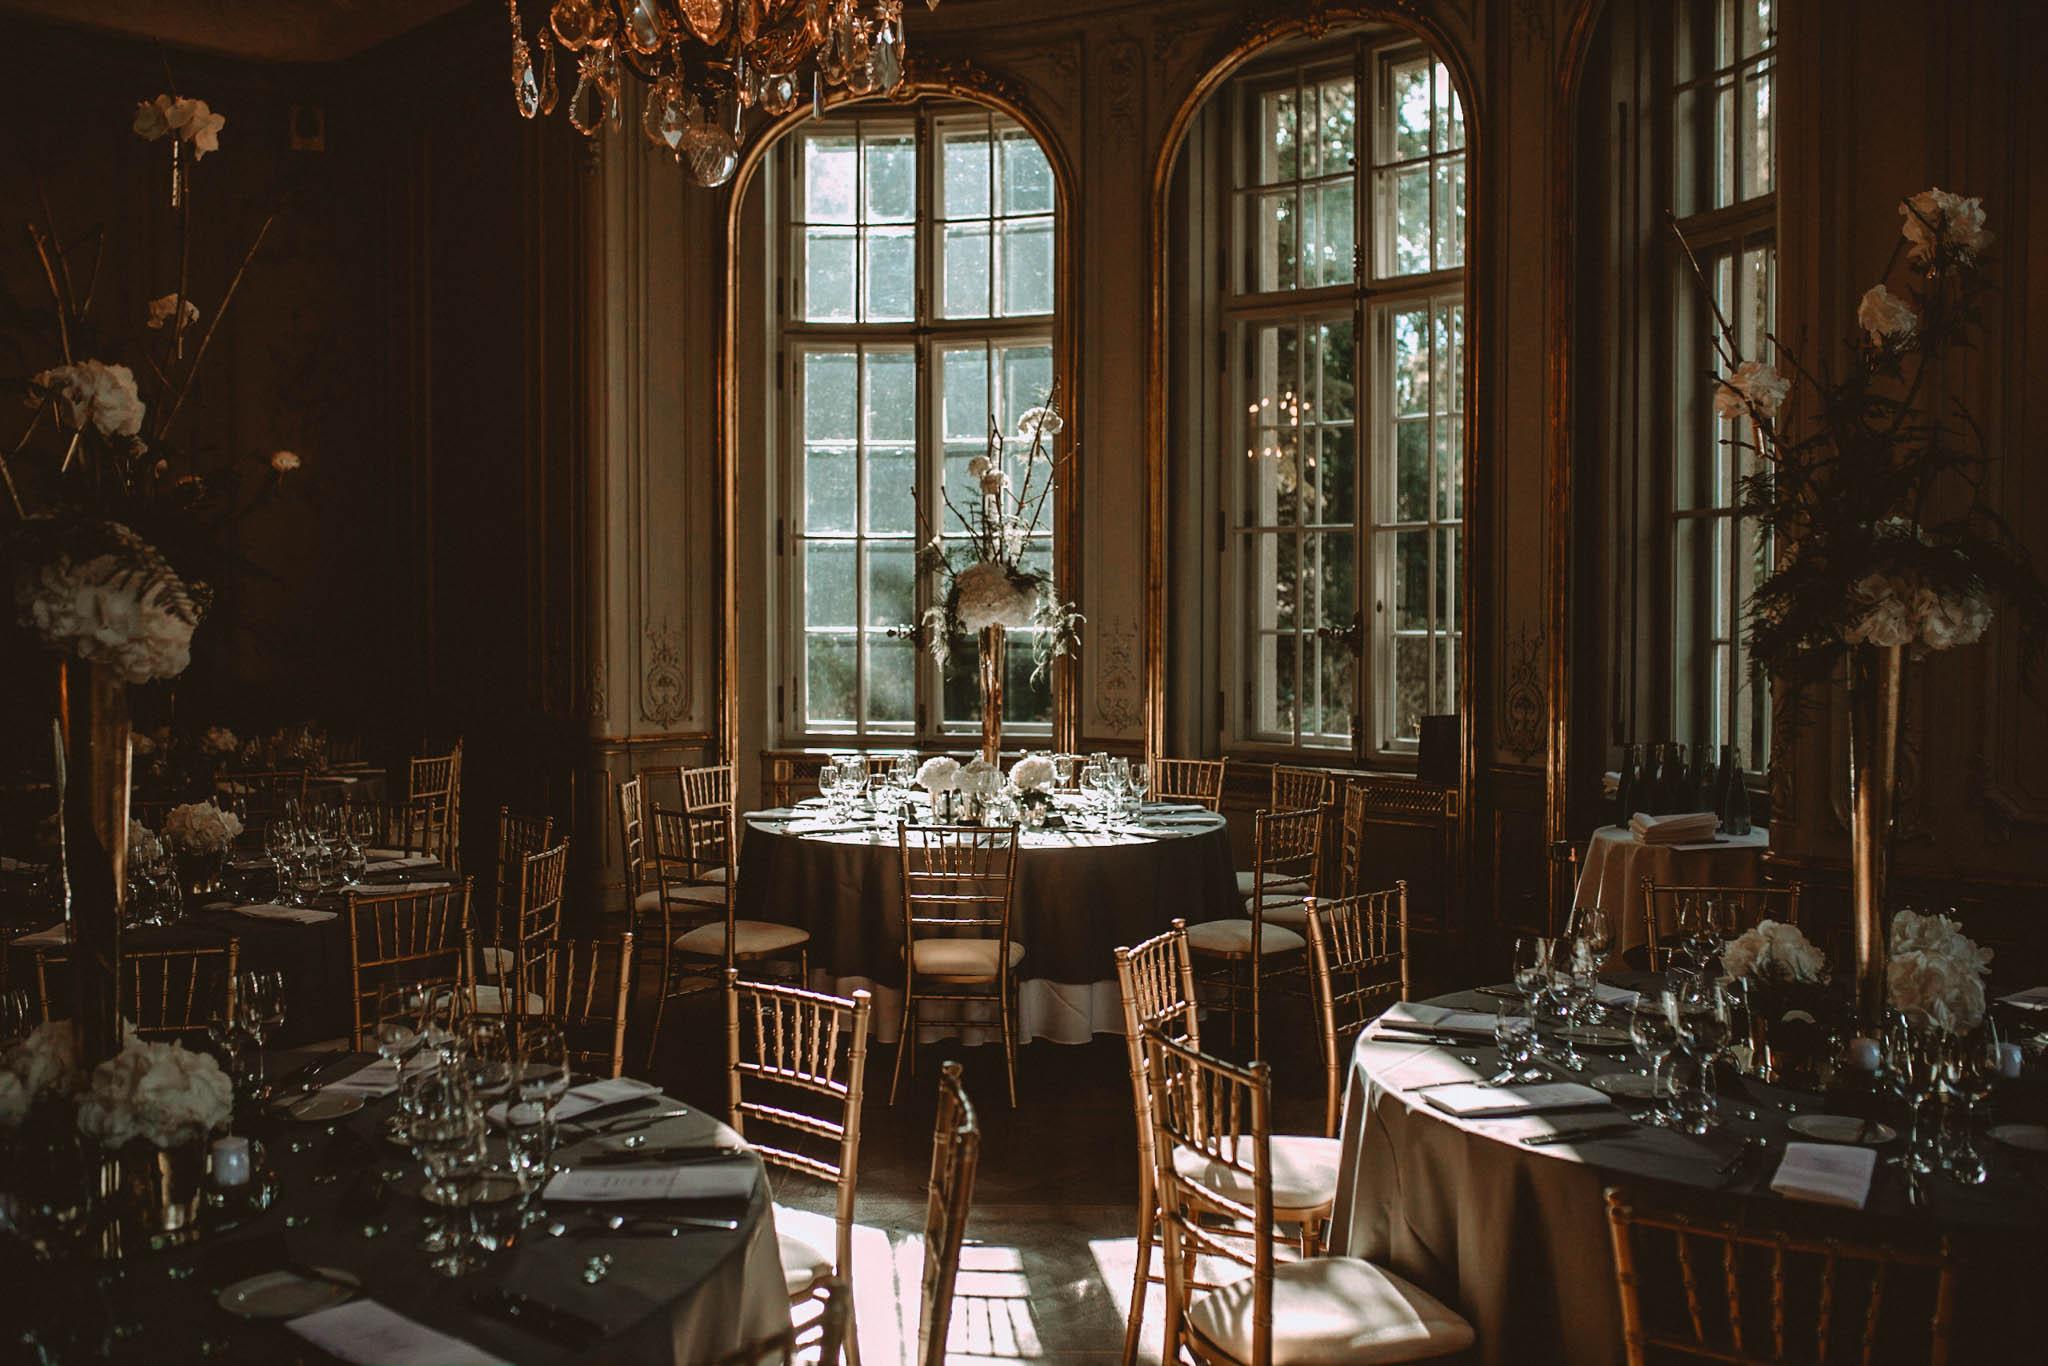 Hochzeit_Berlin_Patrick_Hellmann_Schlosshotel139